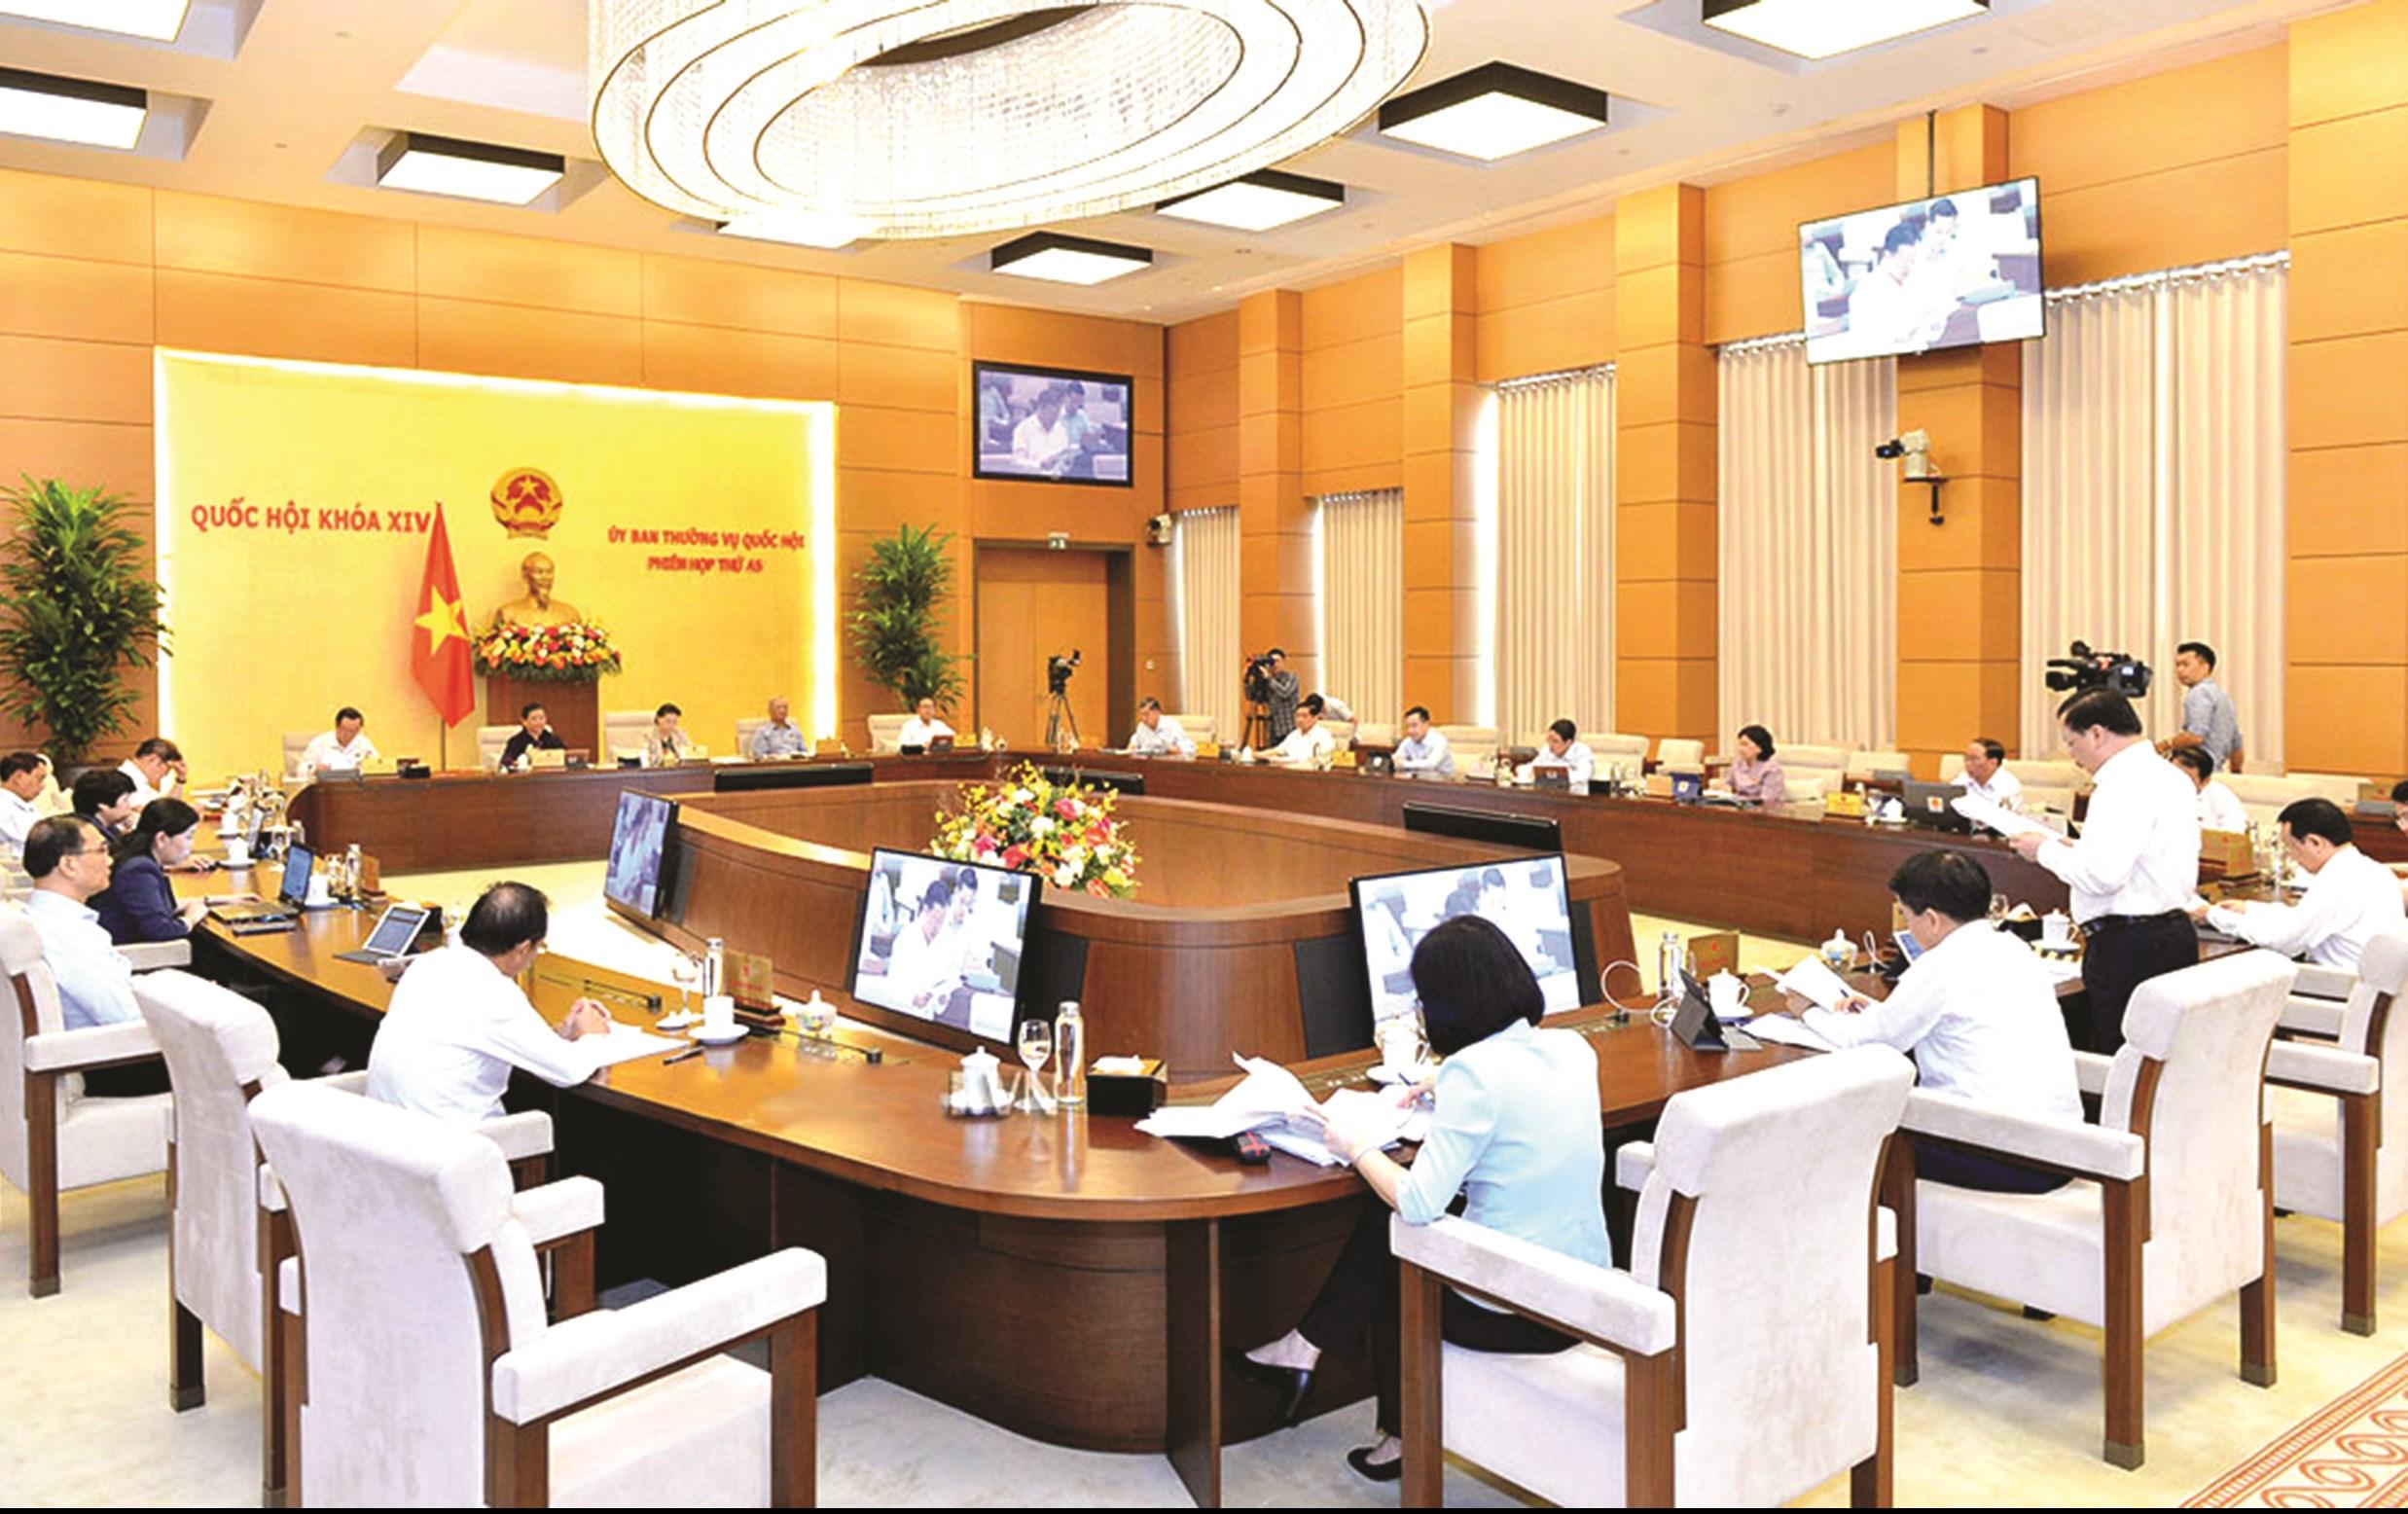 Phiên họp thứ 45 (đợt 2) của Ủy ban Thường vụ Quốc hội